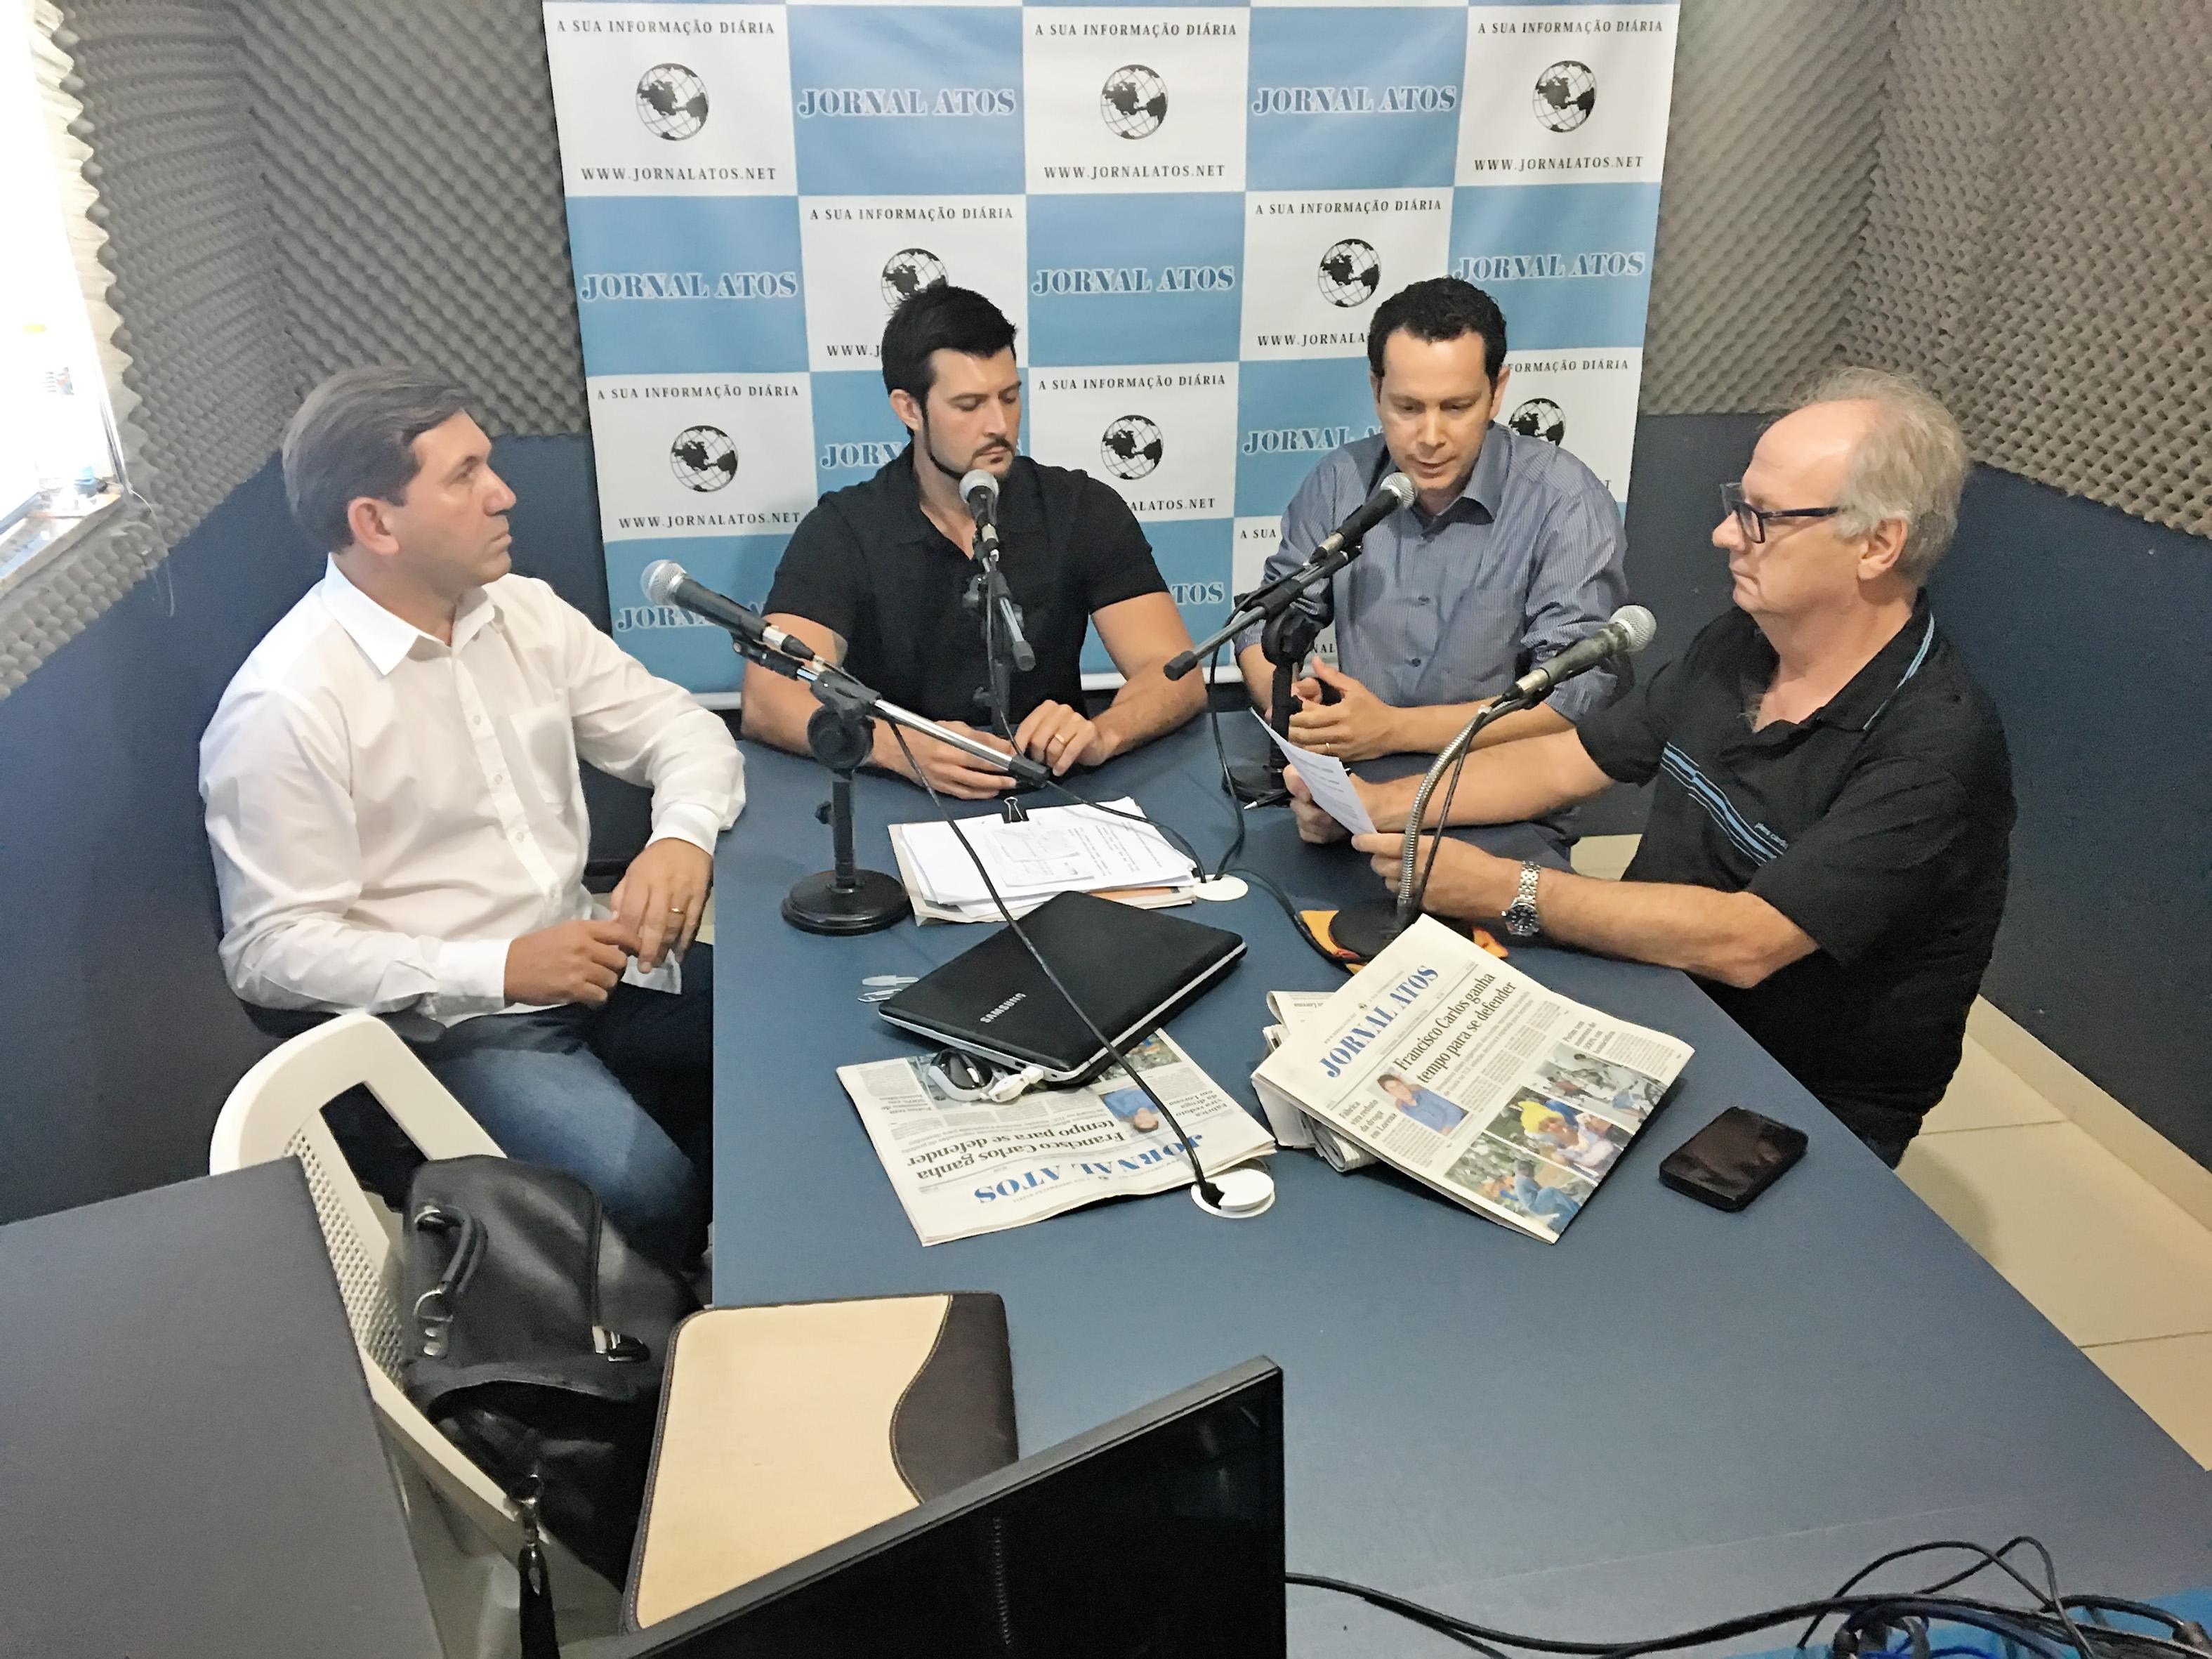 Da esquerda para direita, os vereadores eleitos Marcelo da Santa Casa, Celão e Márcio Almeida, em entrevista a Eder Billota no estúdio do Atos (Foto: Francisco Assis)